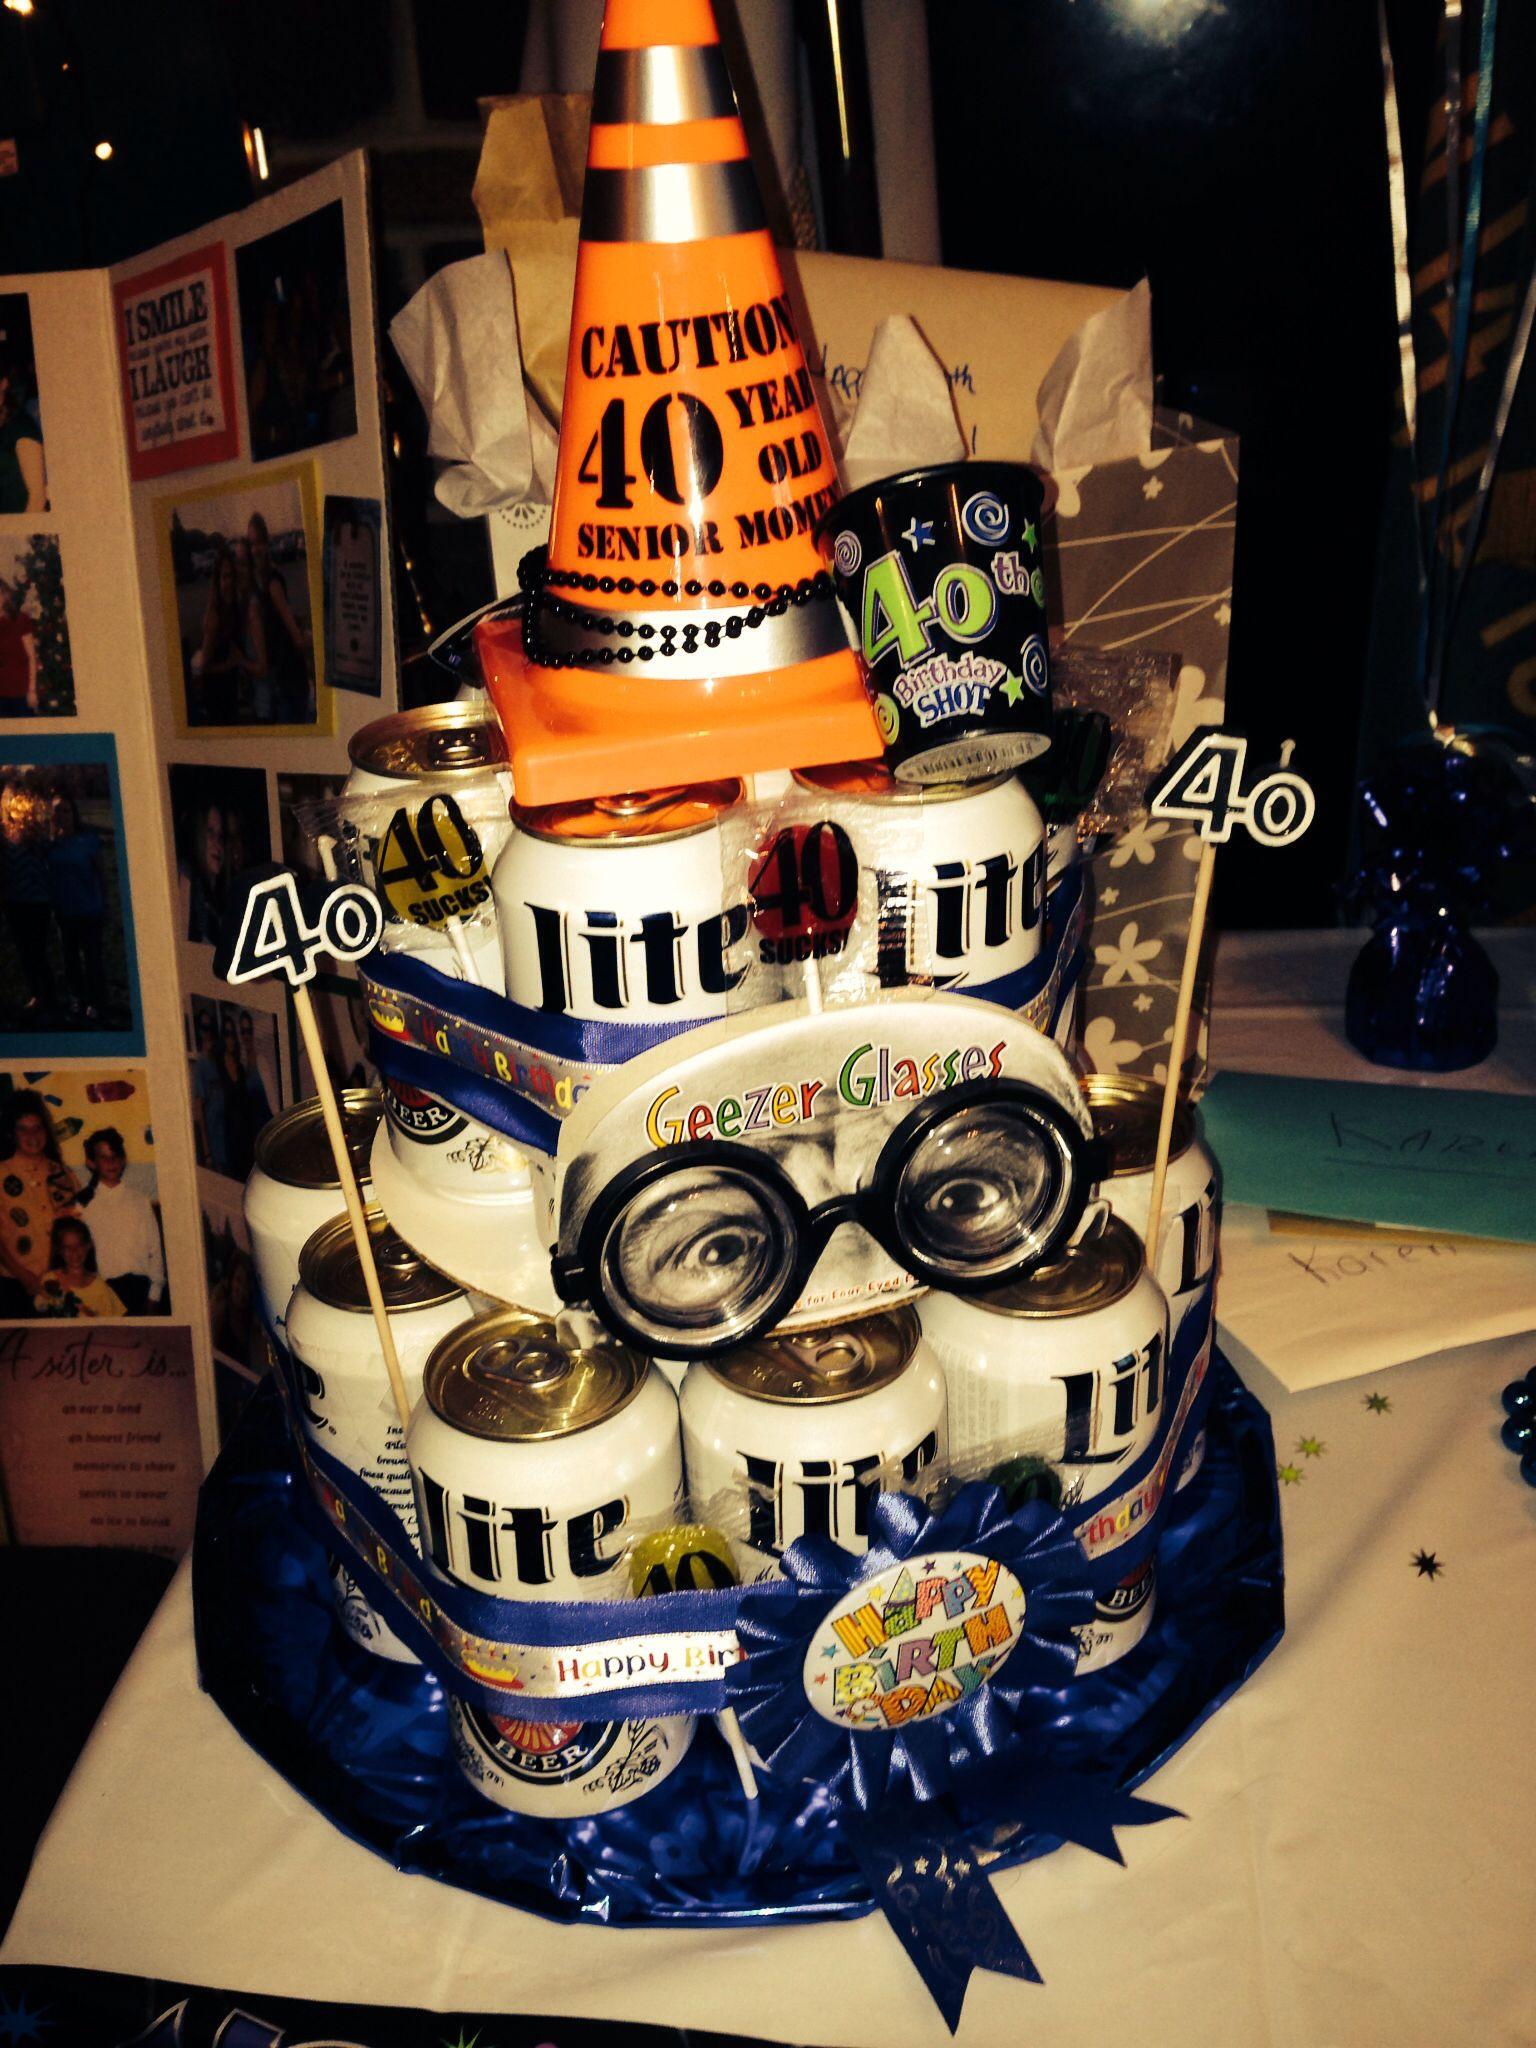 40th Birthday Miller Lite Beer Cake Diy Gift Ideas Pinterest